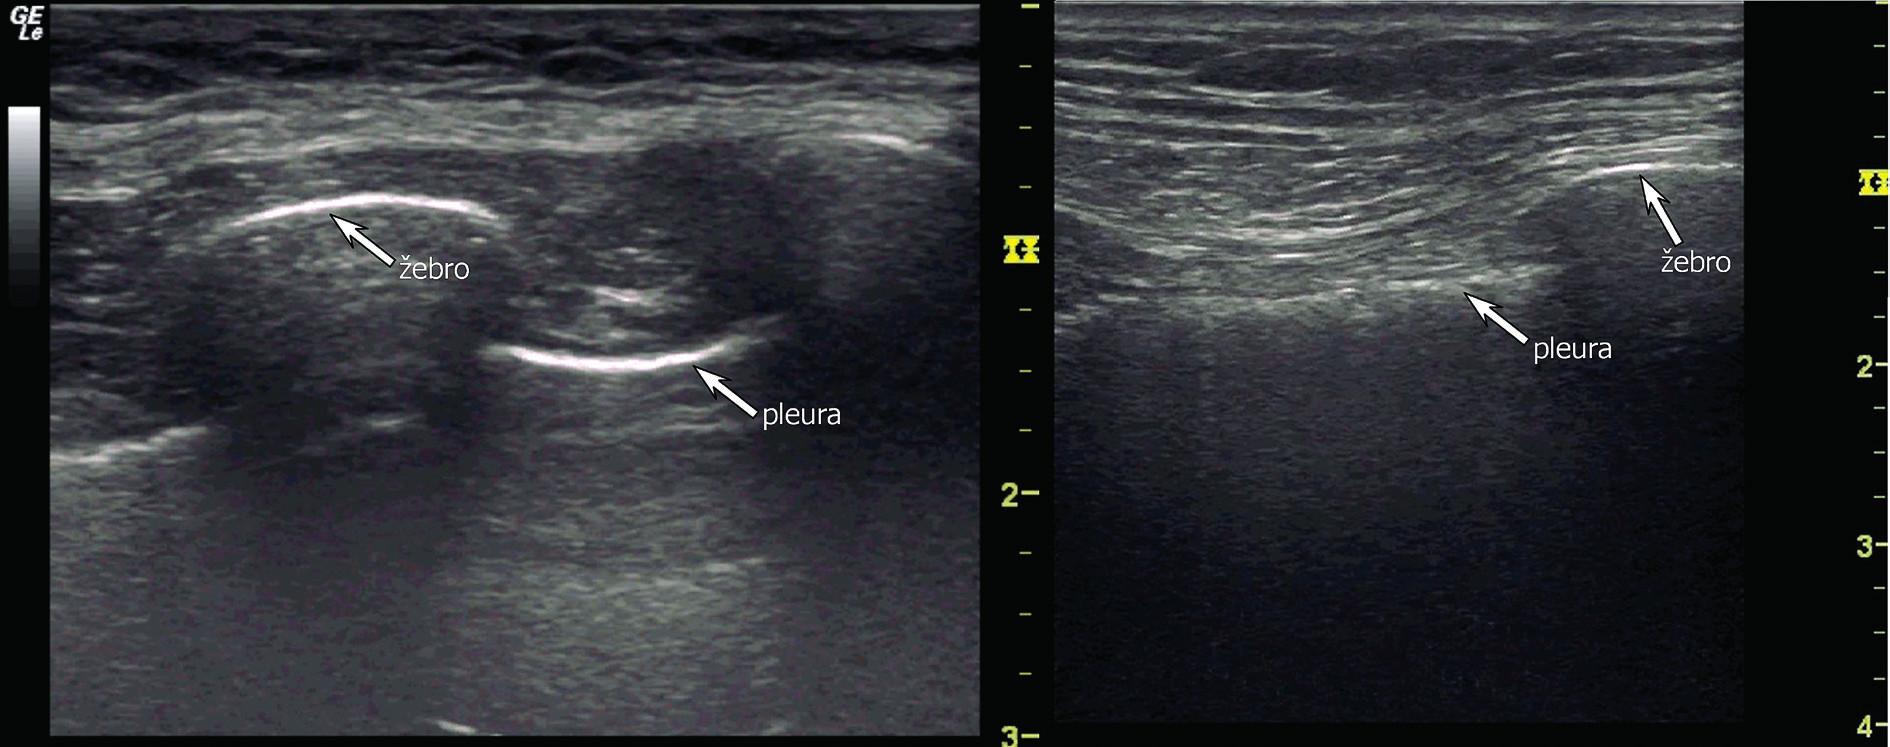 Fyziologické UZ zobrazení pleurální linie a žeber konvexní sondou (vlevo) a lineární sondou (vpravo)